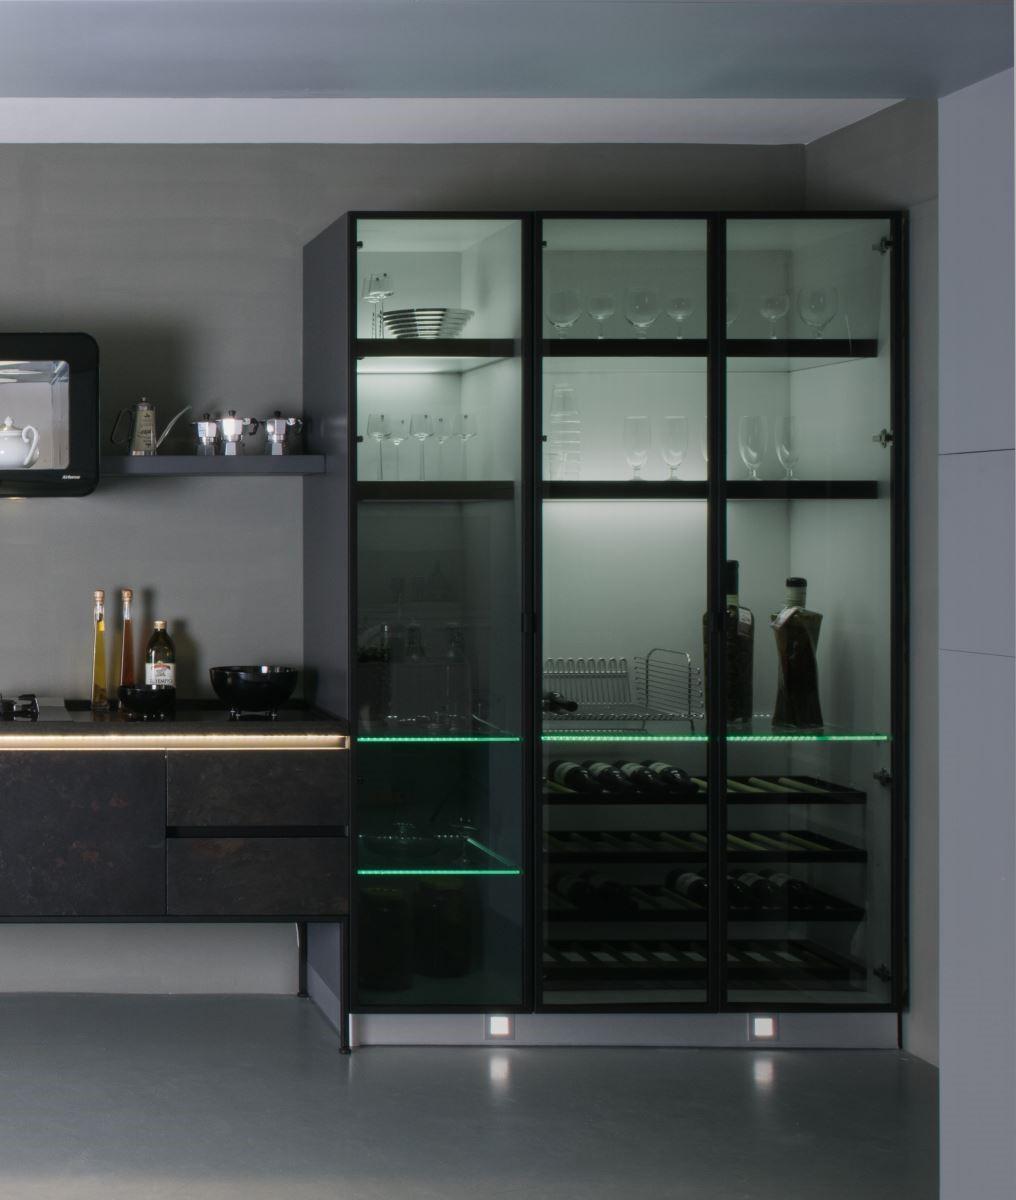 節能時尚的LED燈納入廚具層板的設計,不僅達到環保節能效果,也讓廚房變得更時尚。